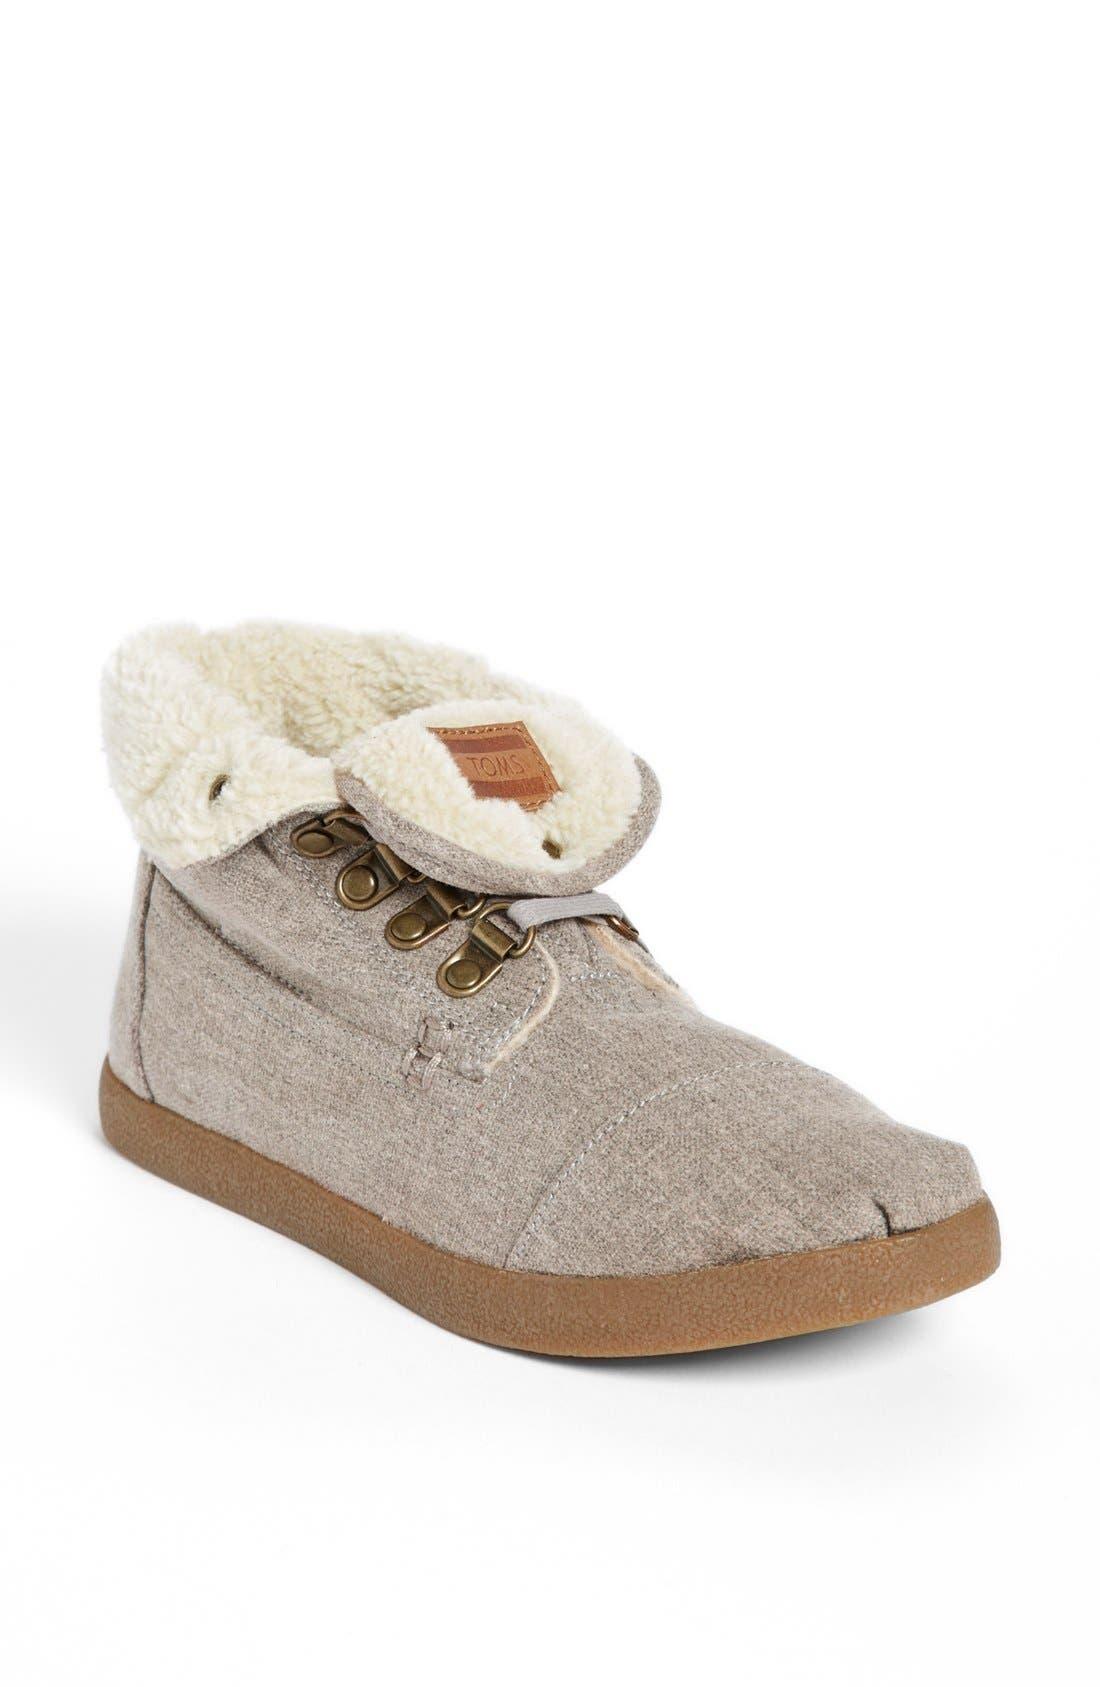 'High Botas' Fleece Boot,                             Main thumbnail 1, color,                             020